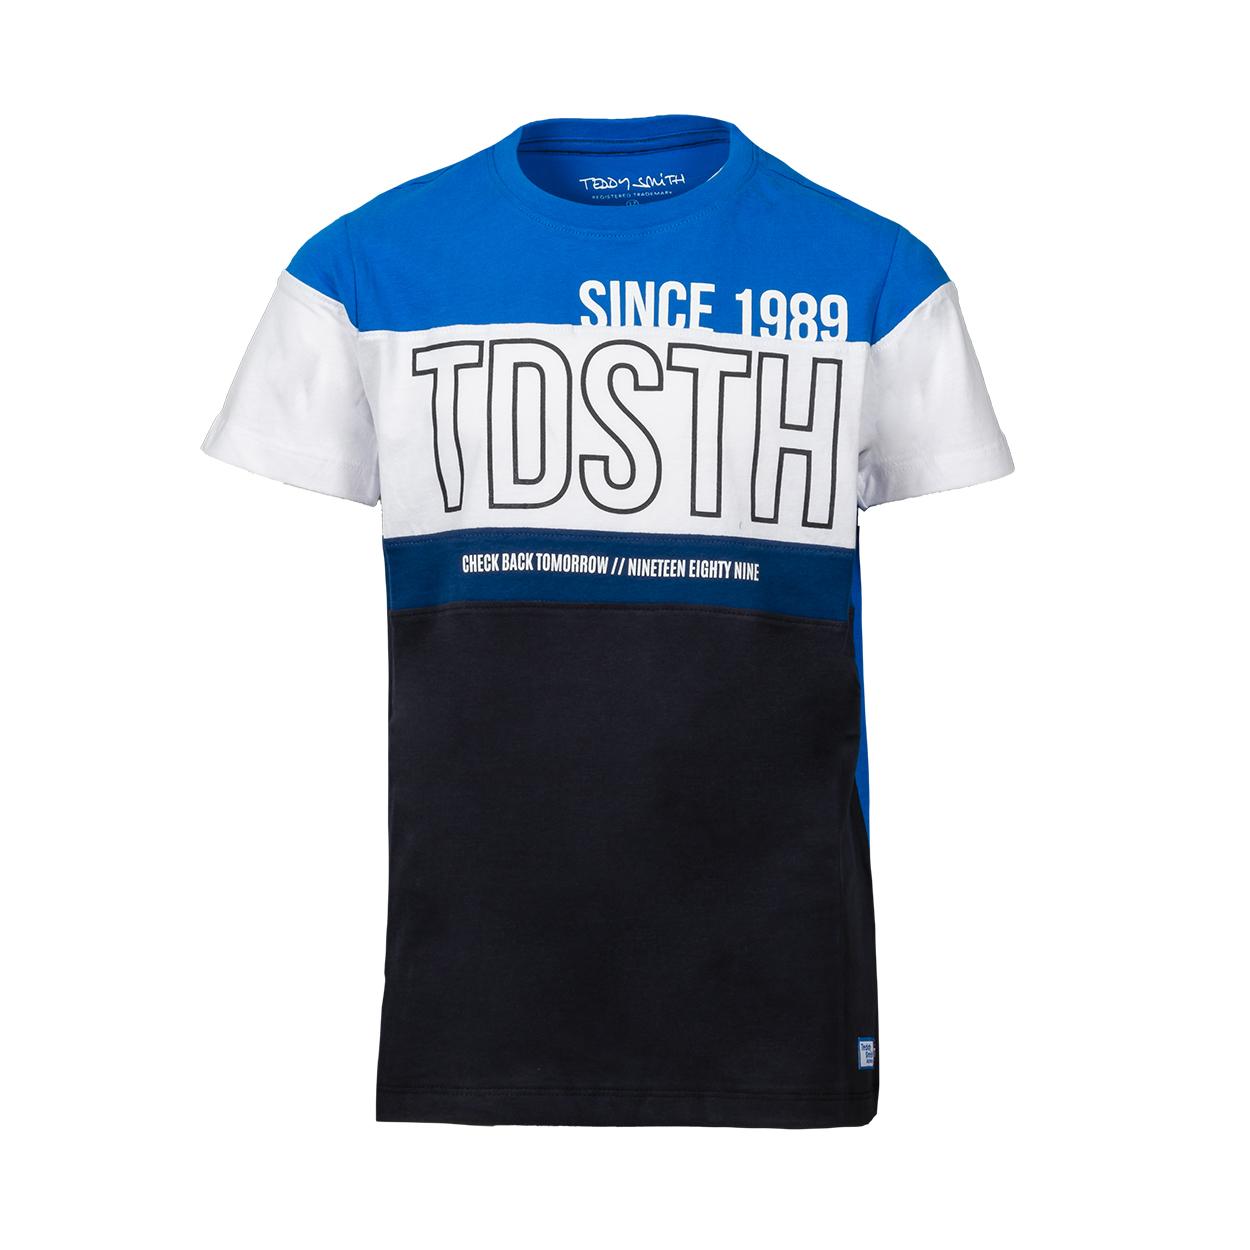 Tee-shirt col rond  t-bou en coton colorblock bleu électrique, blanc, bleu marine et bleu nuit